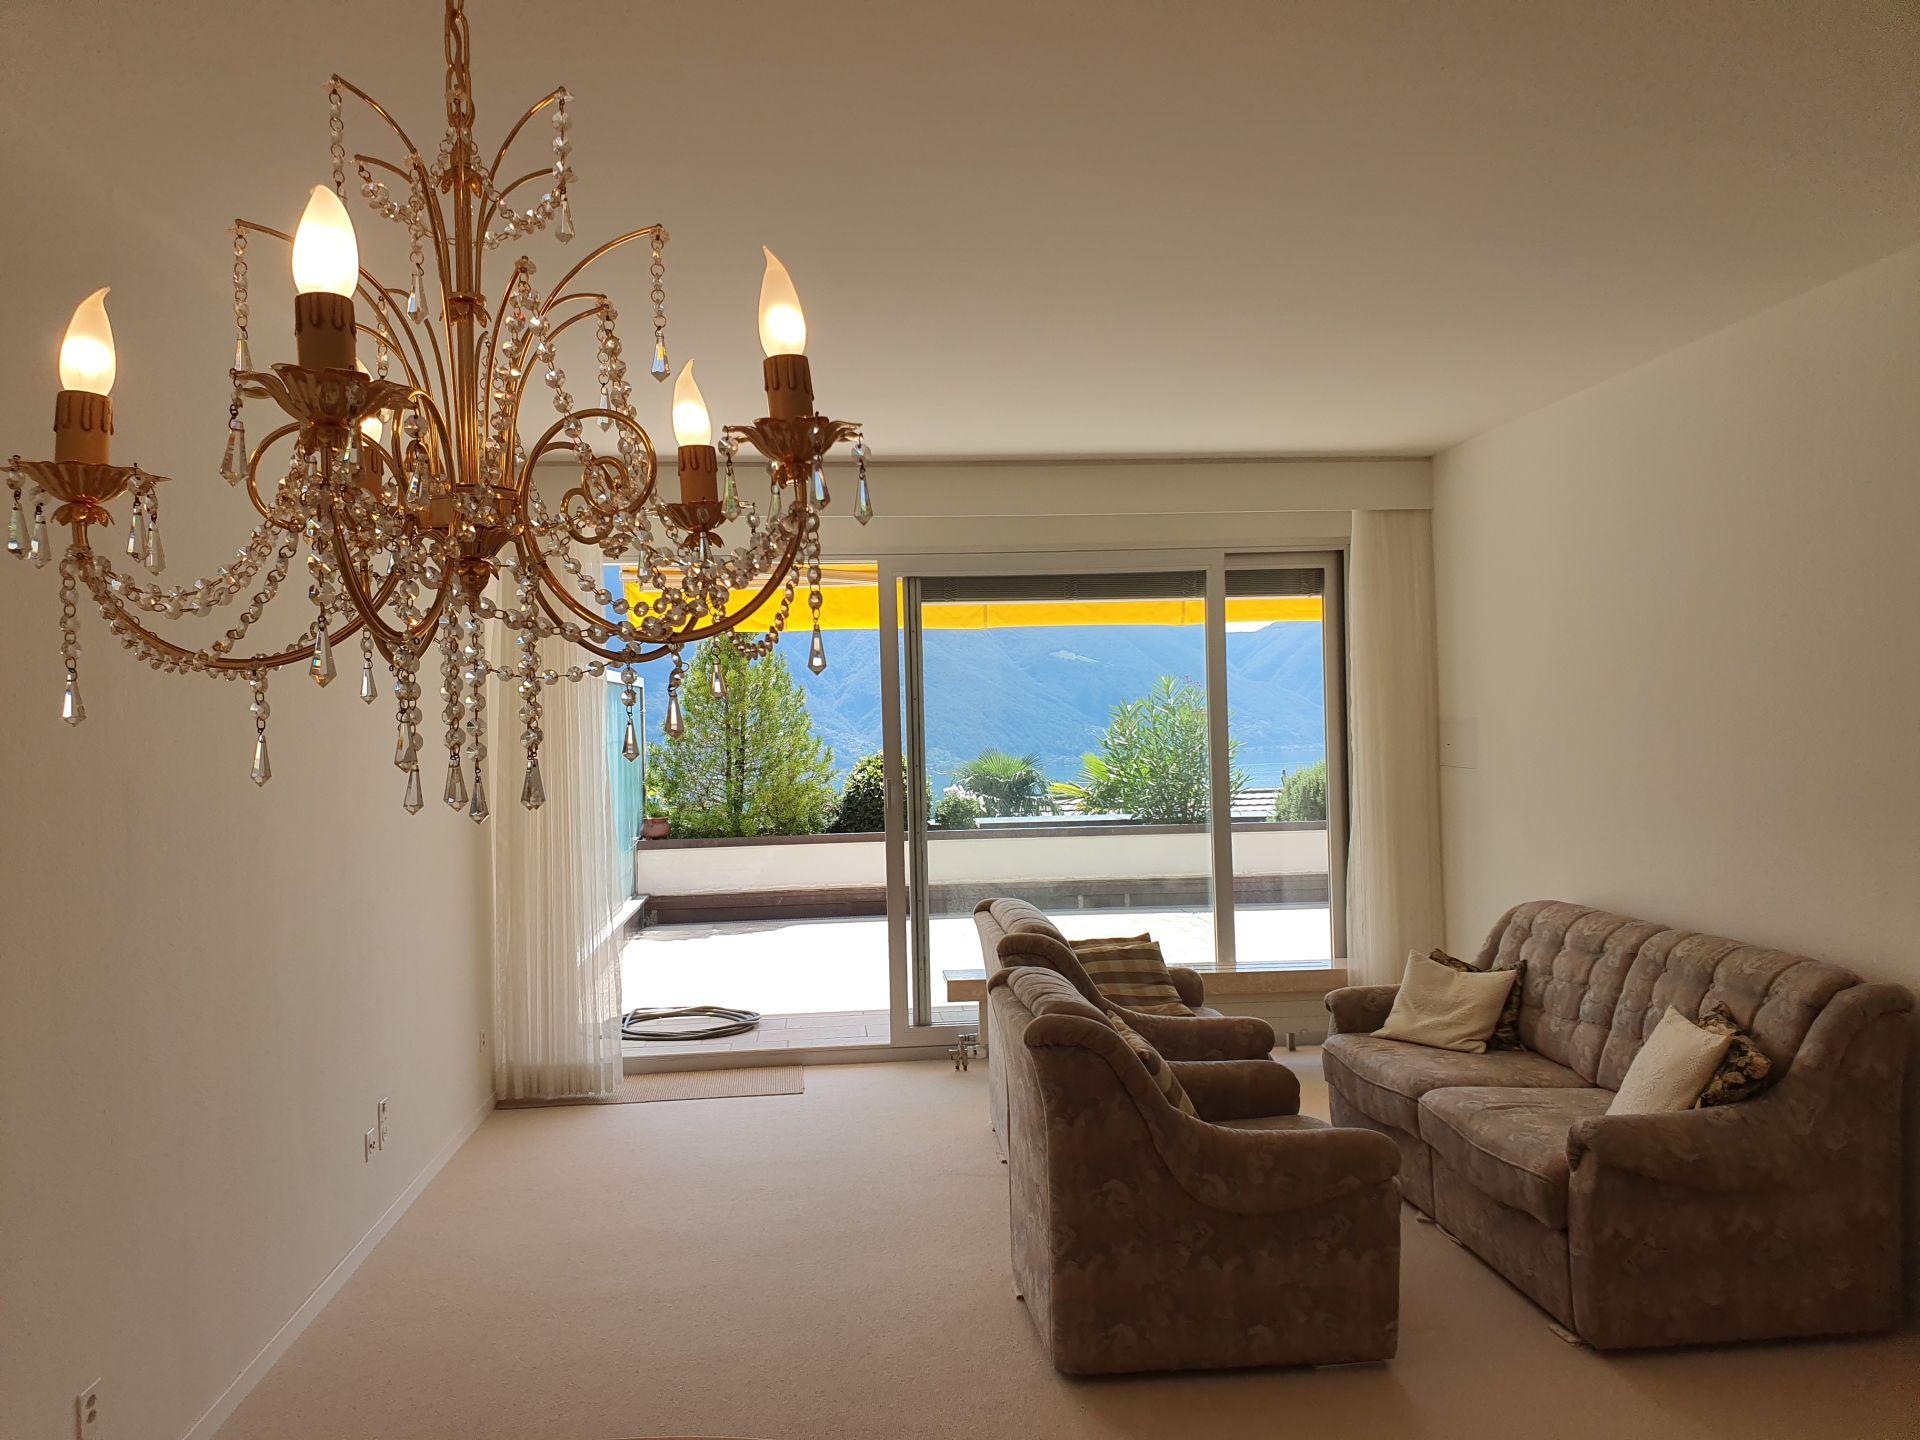 Vendita: appartamento con grande terrazza panoramica